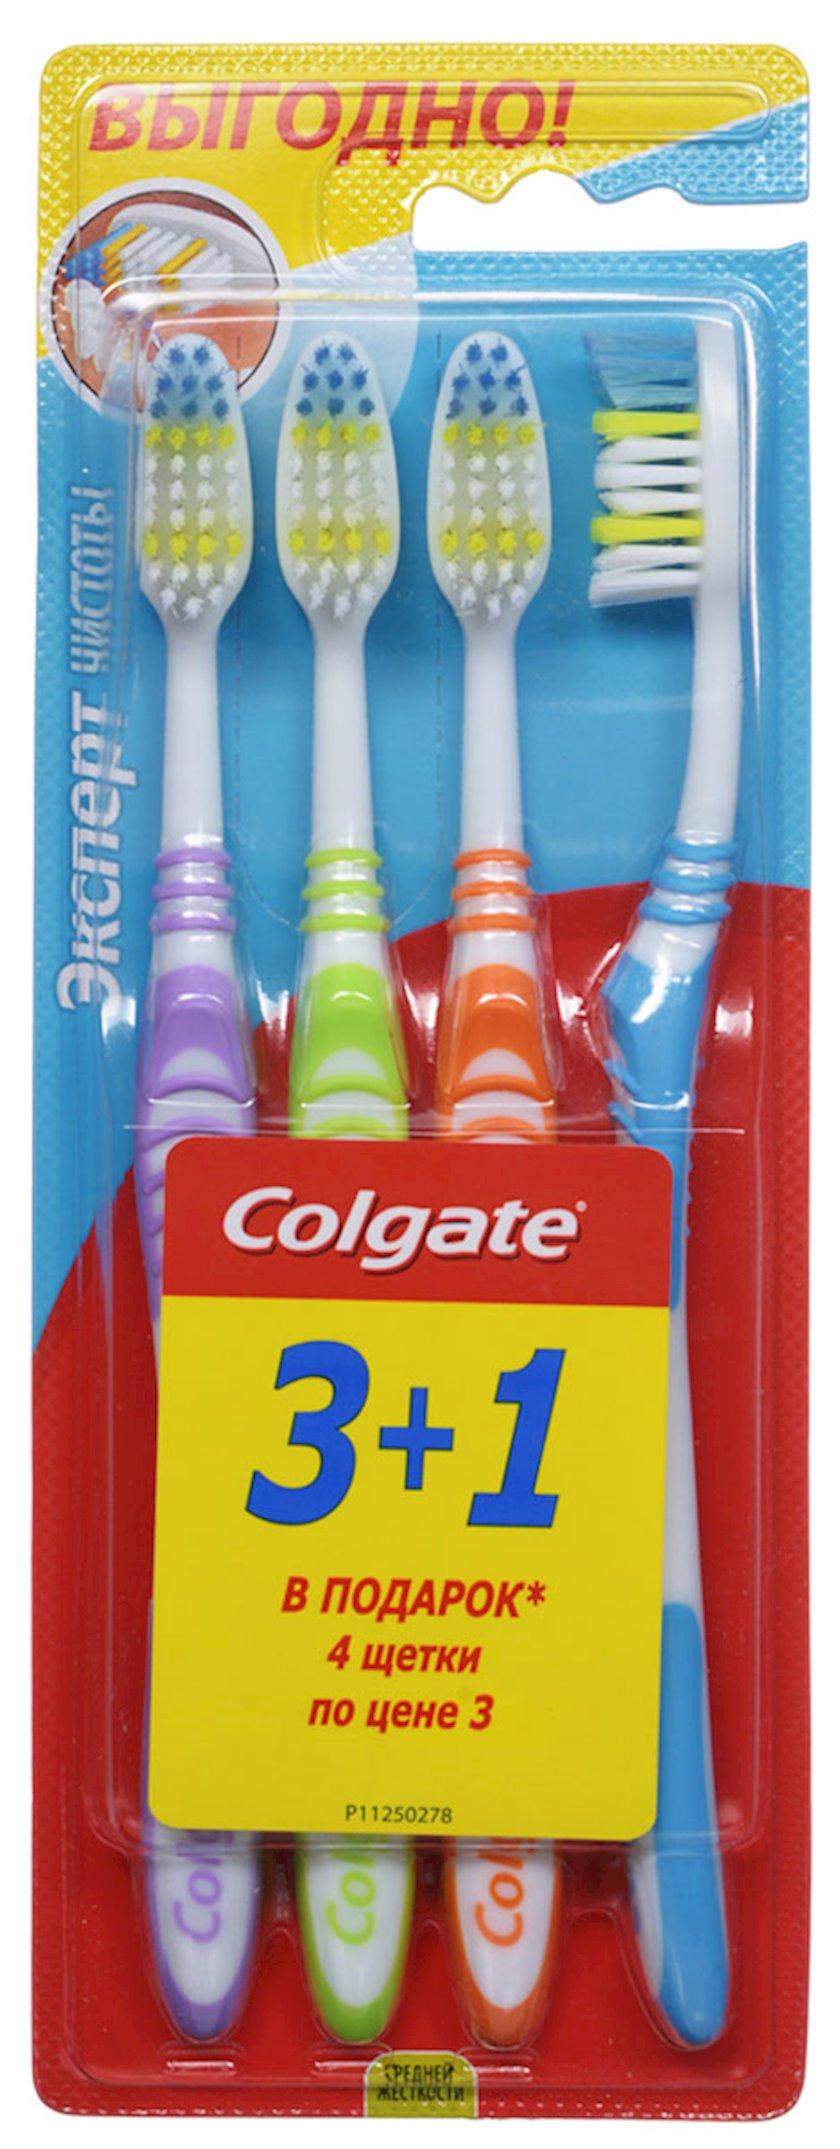 Diş fırçası Colgate Təmizlik ekspertı orta sərtlik 3+1